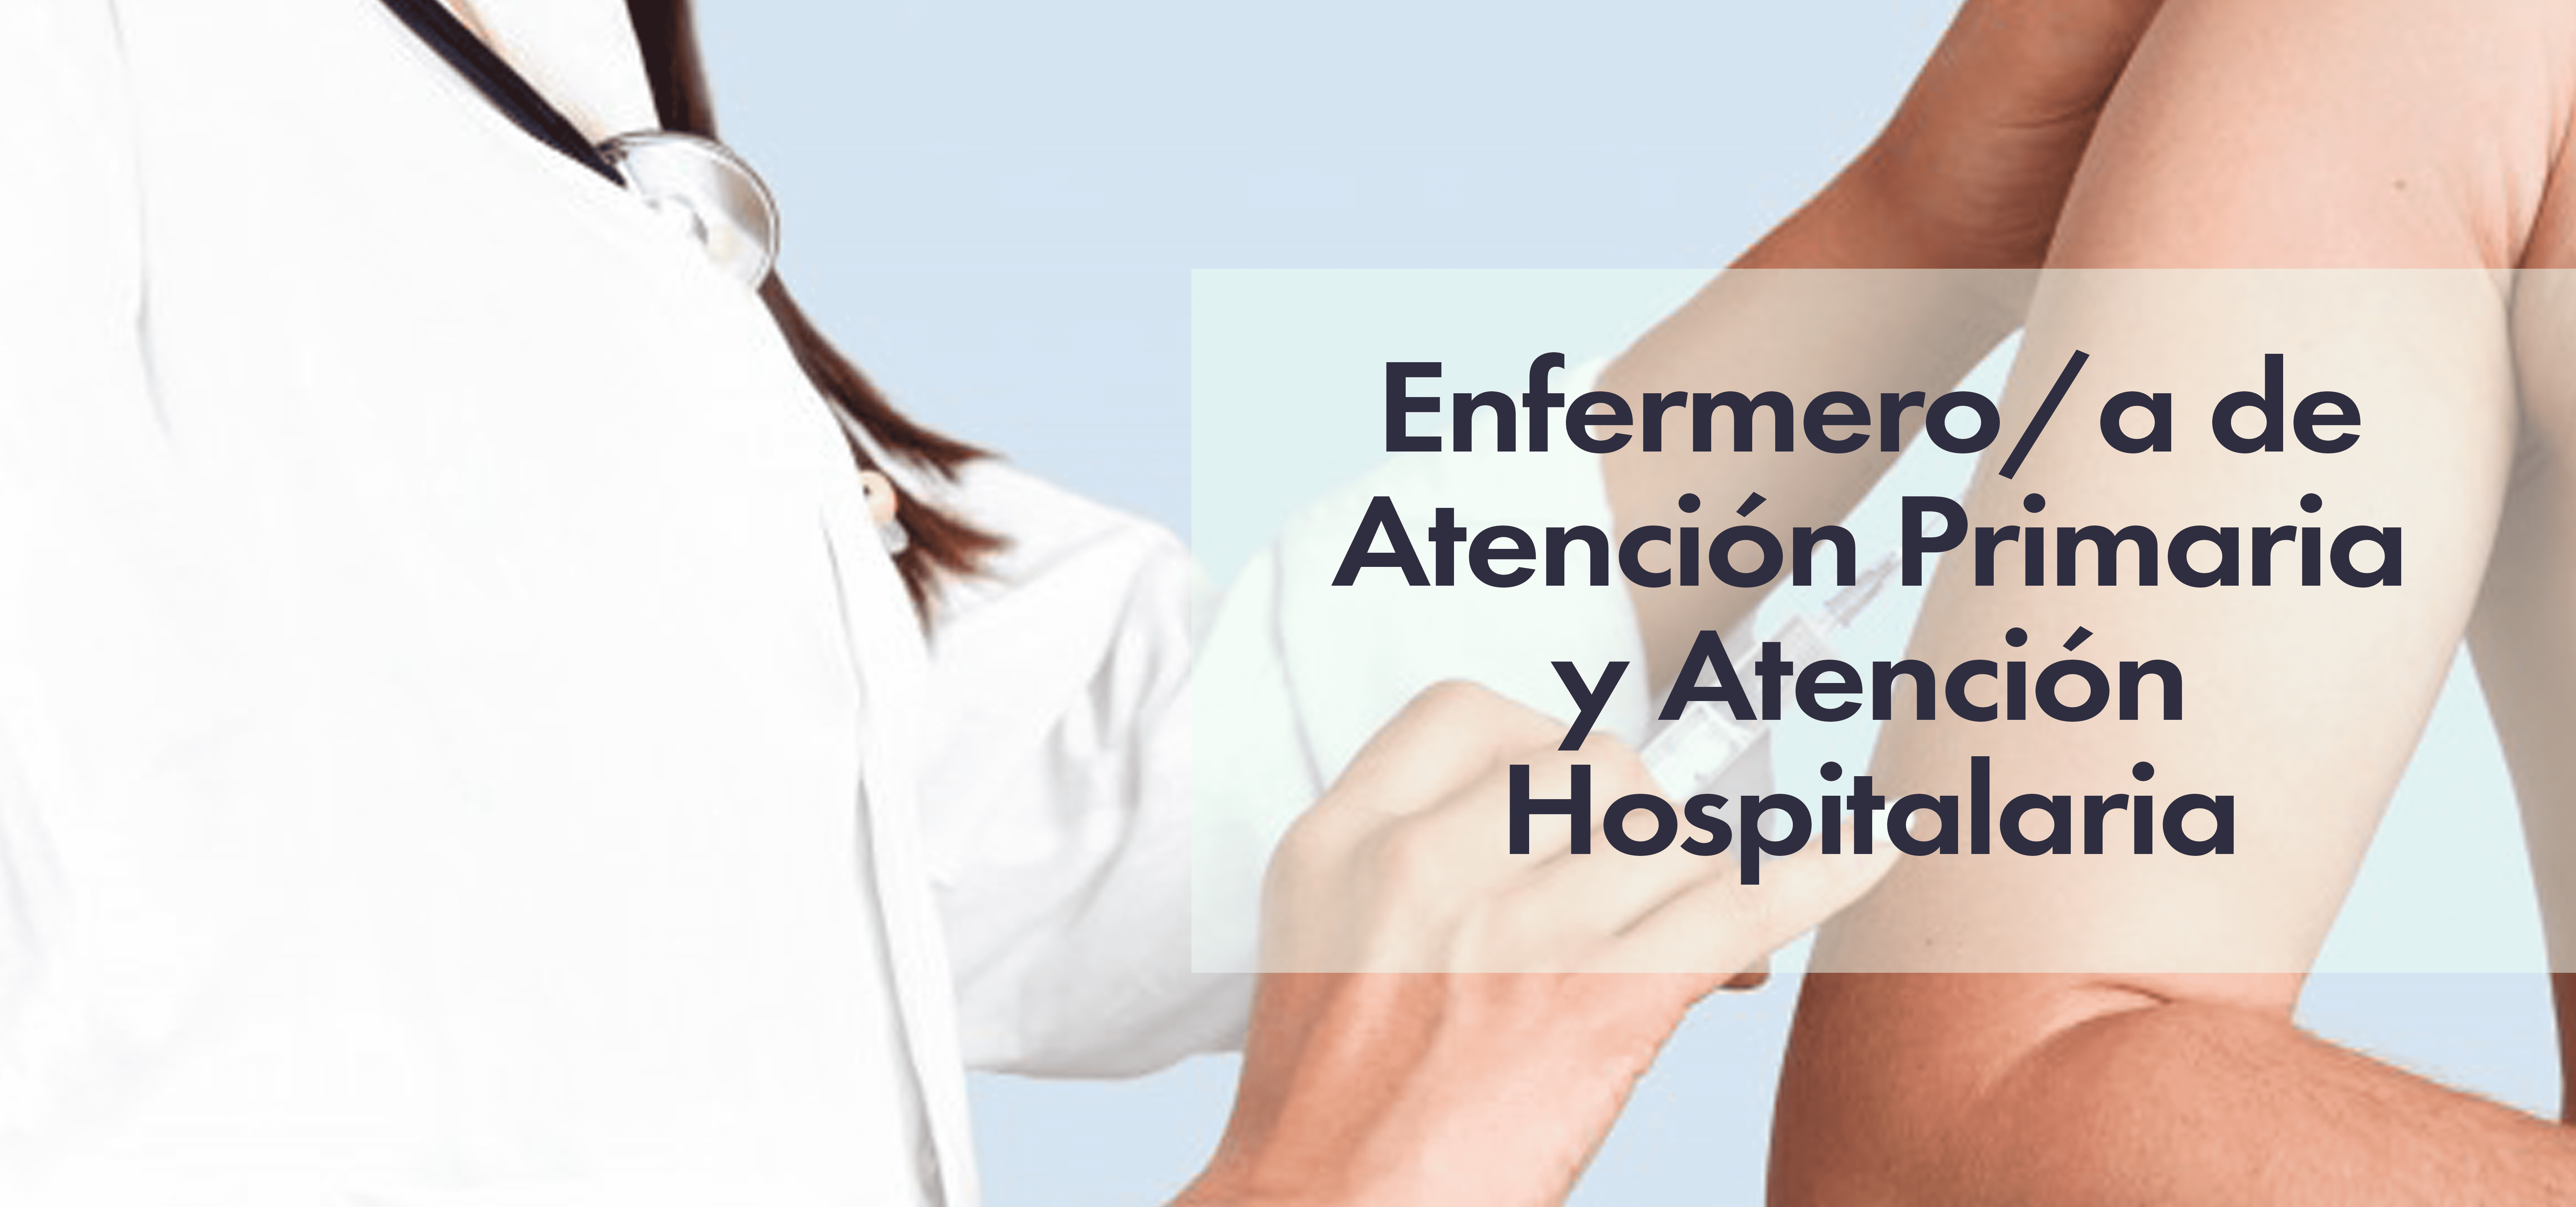 Enfermero/a de Atención Primaria y Atención Hospitalaria